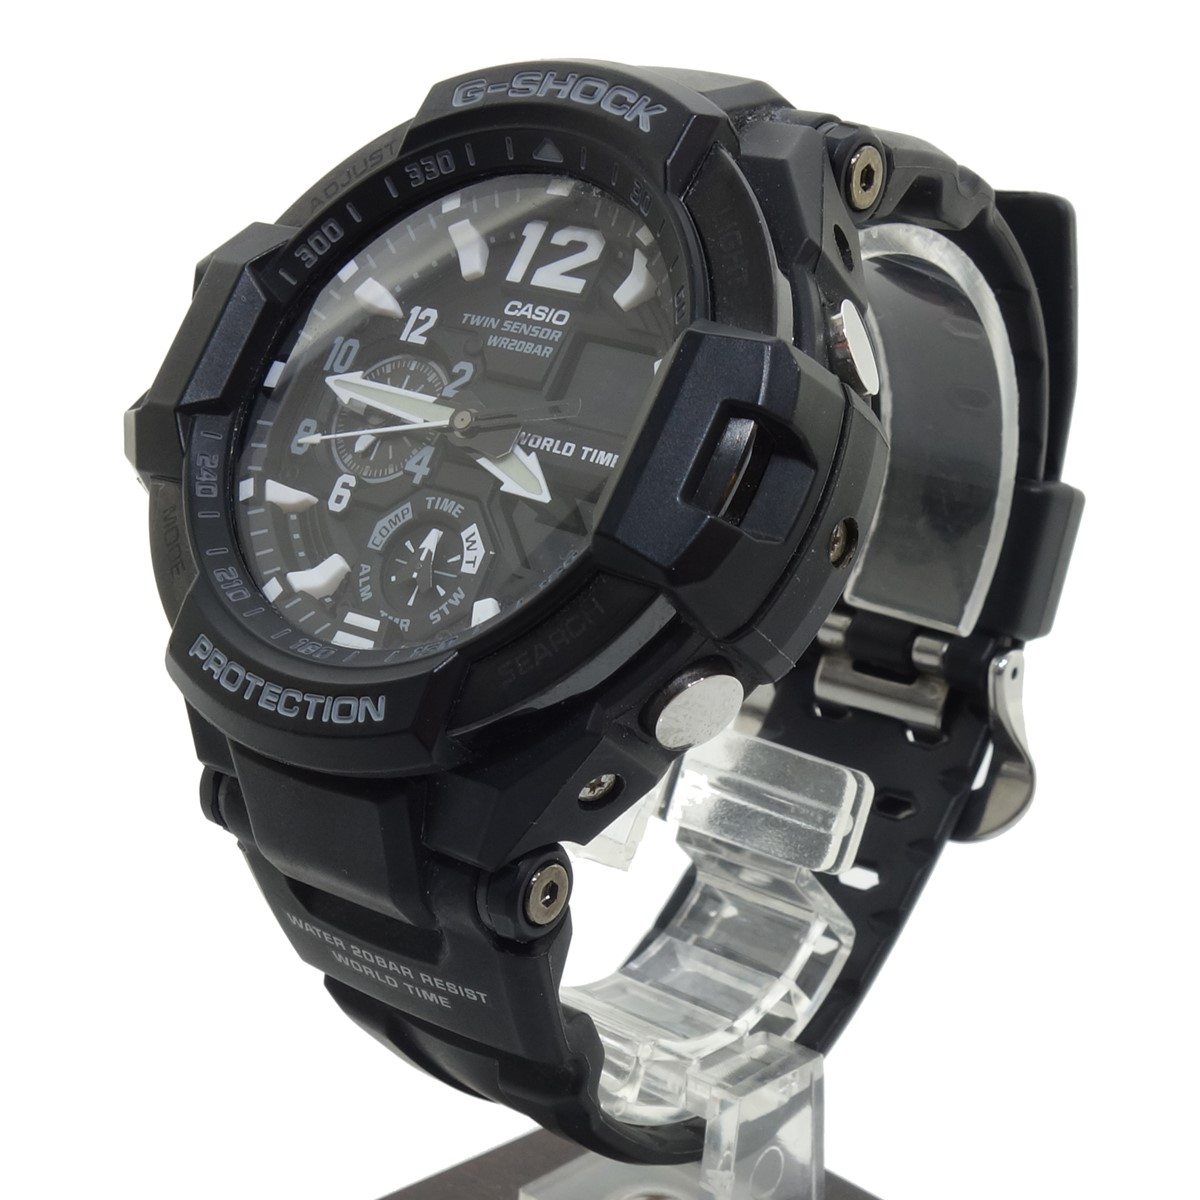 品質が完璧 CASIO GRAVITYMASTER 腕時計 ブラック 【100121】(カシオ), 新未来創造 8a0e421e